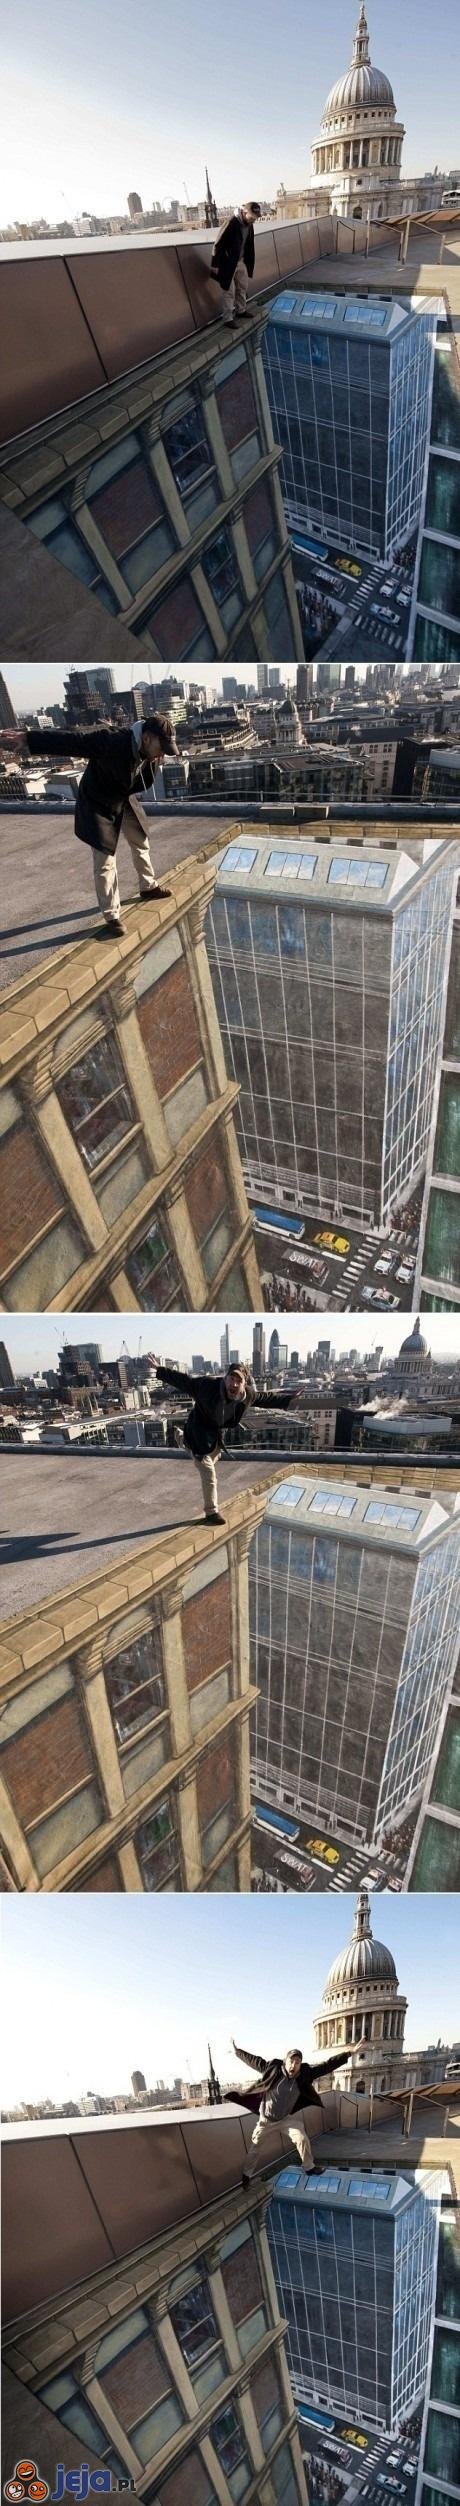 Iluzja na dachu - przepaść